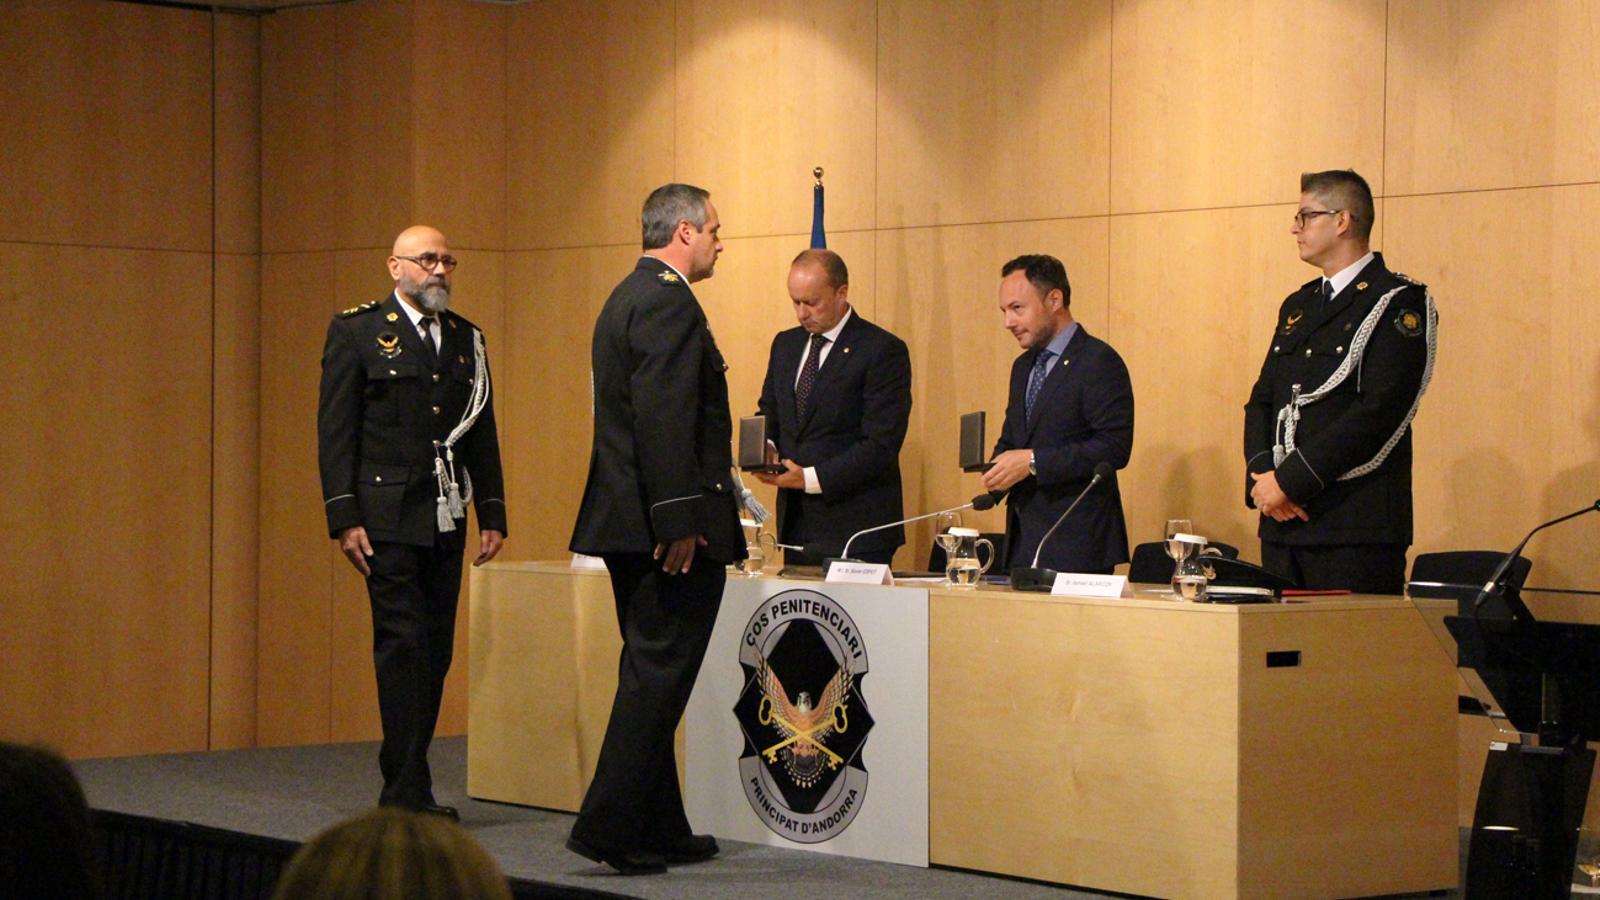 L'entrega de medalles a agents penitenciaris per la seva entrega al cos. / M. P. (ANA)